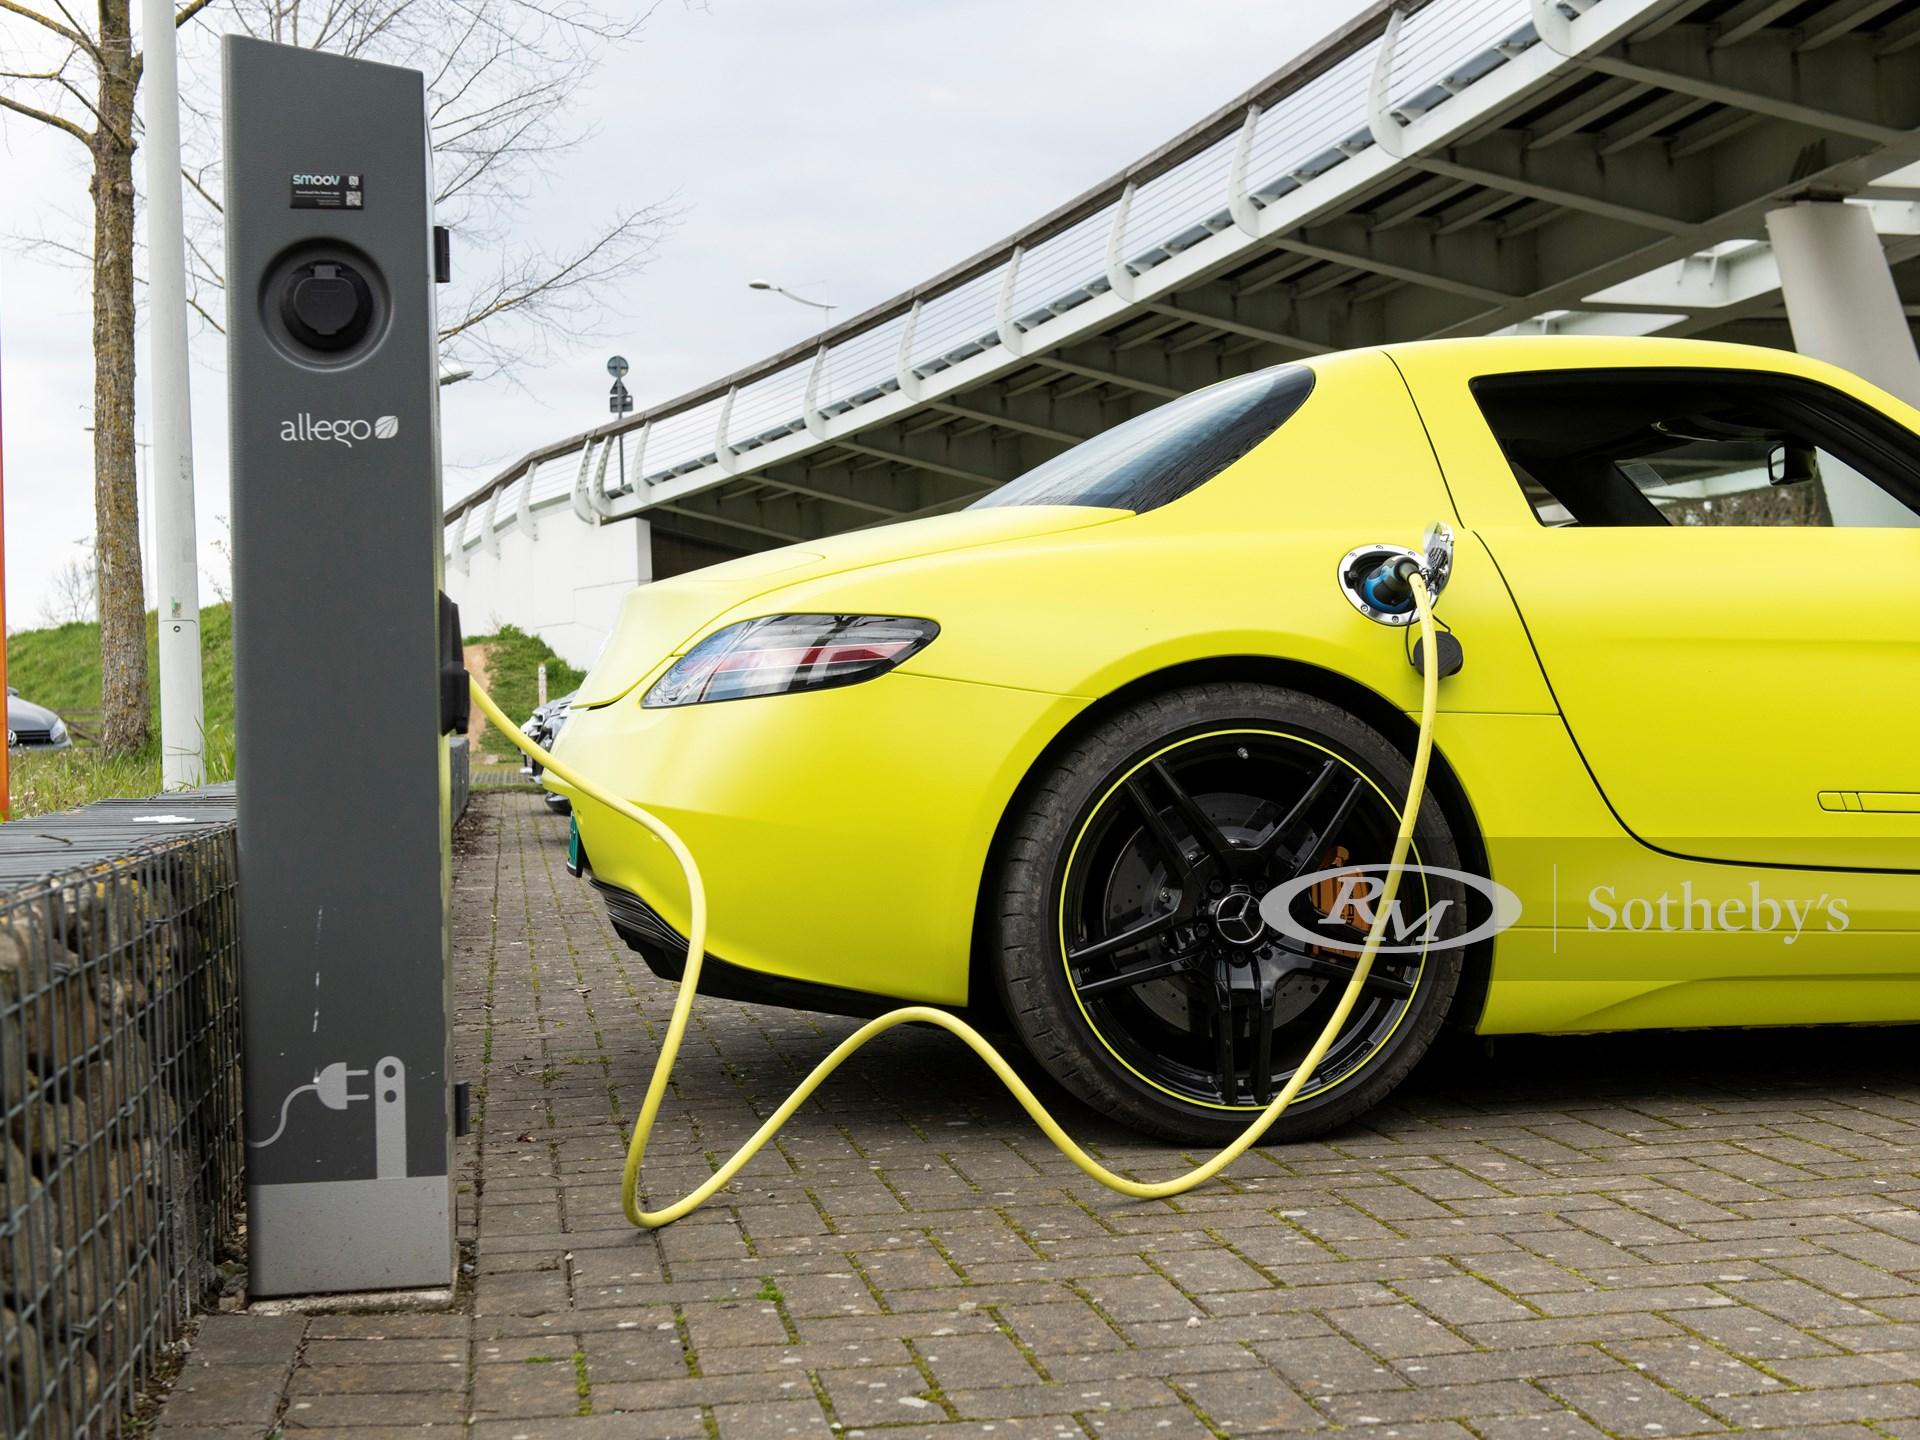 2013 Mercedes-Benz SLS AMG Electric Drive Charging